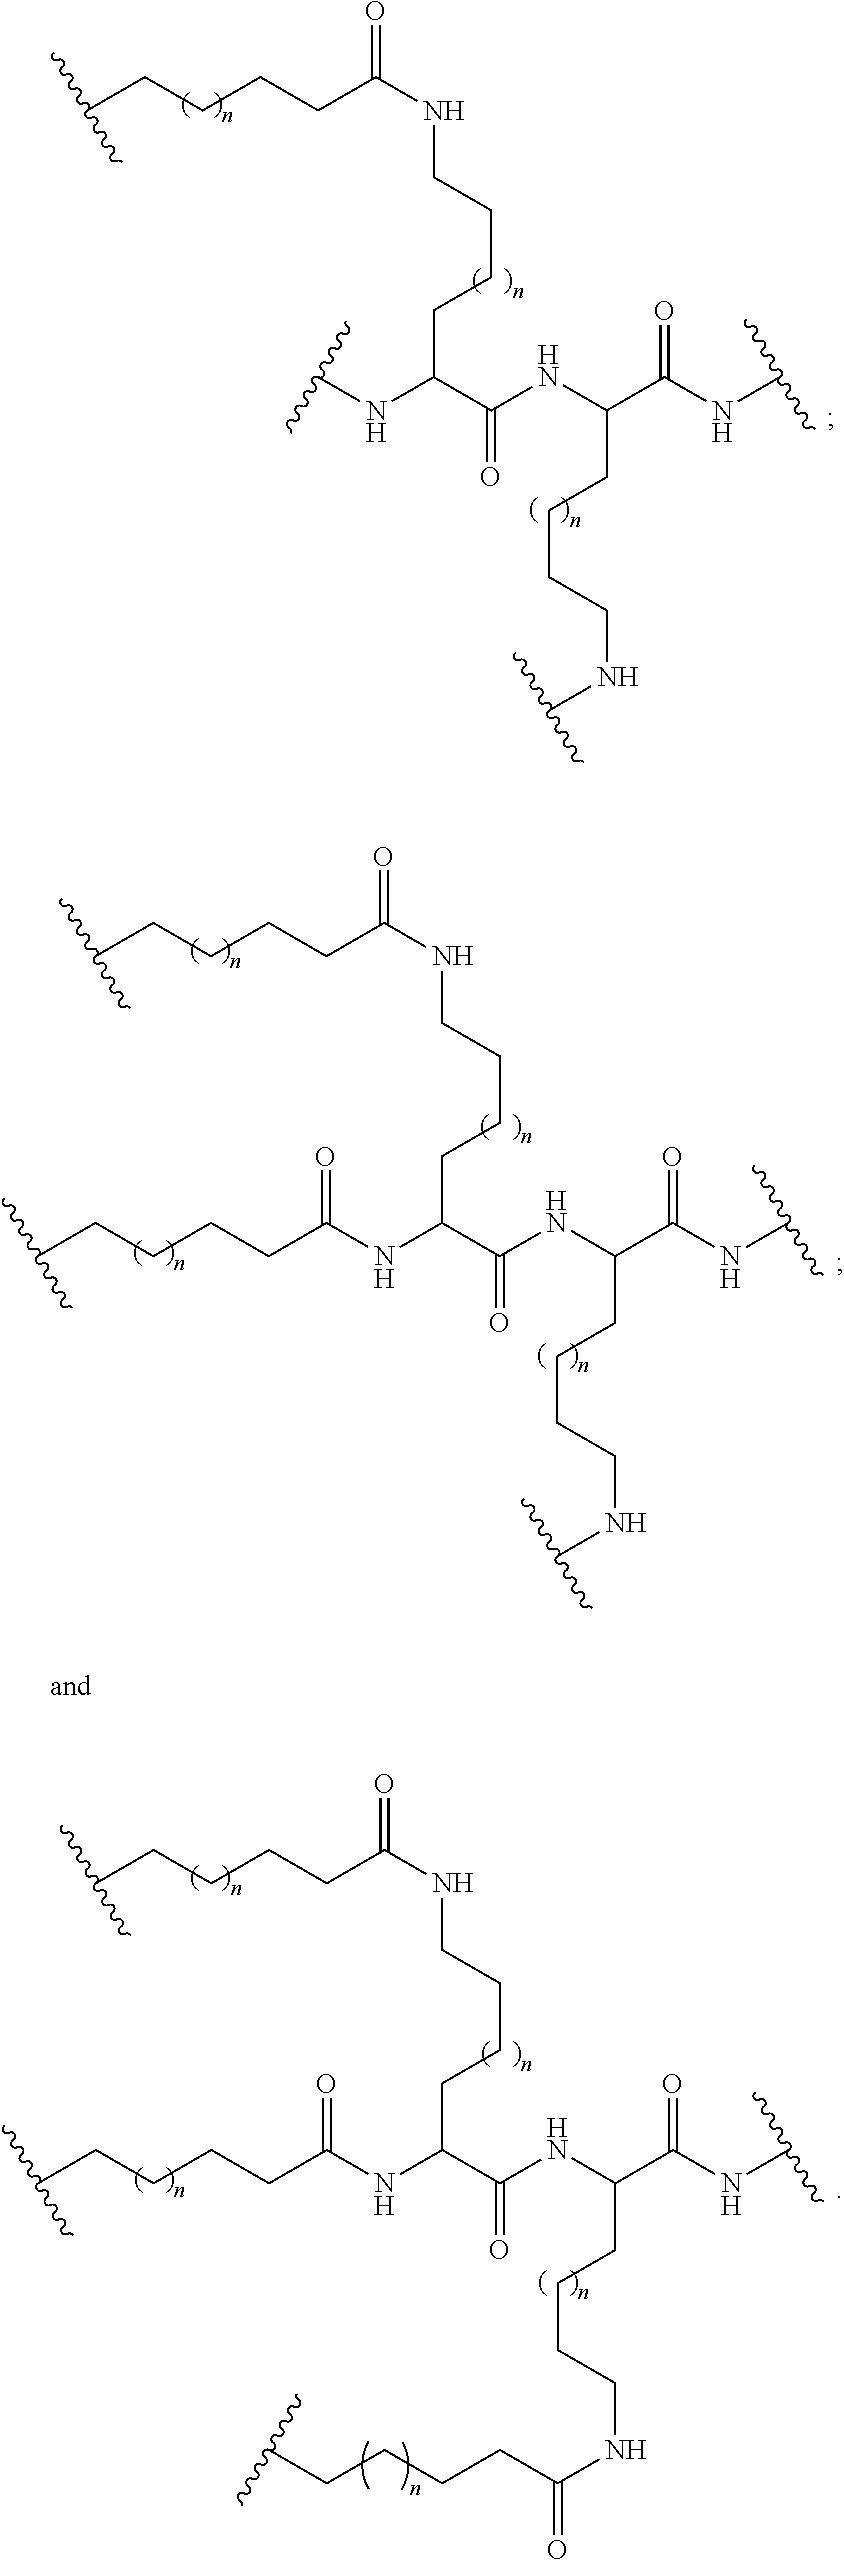 Figure US09932581-20180403-C00166